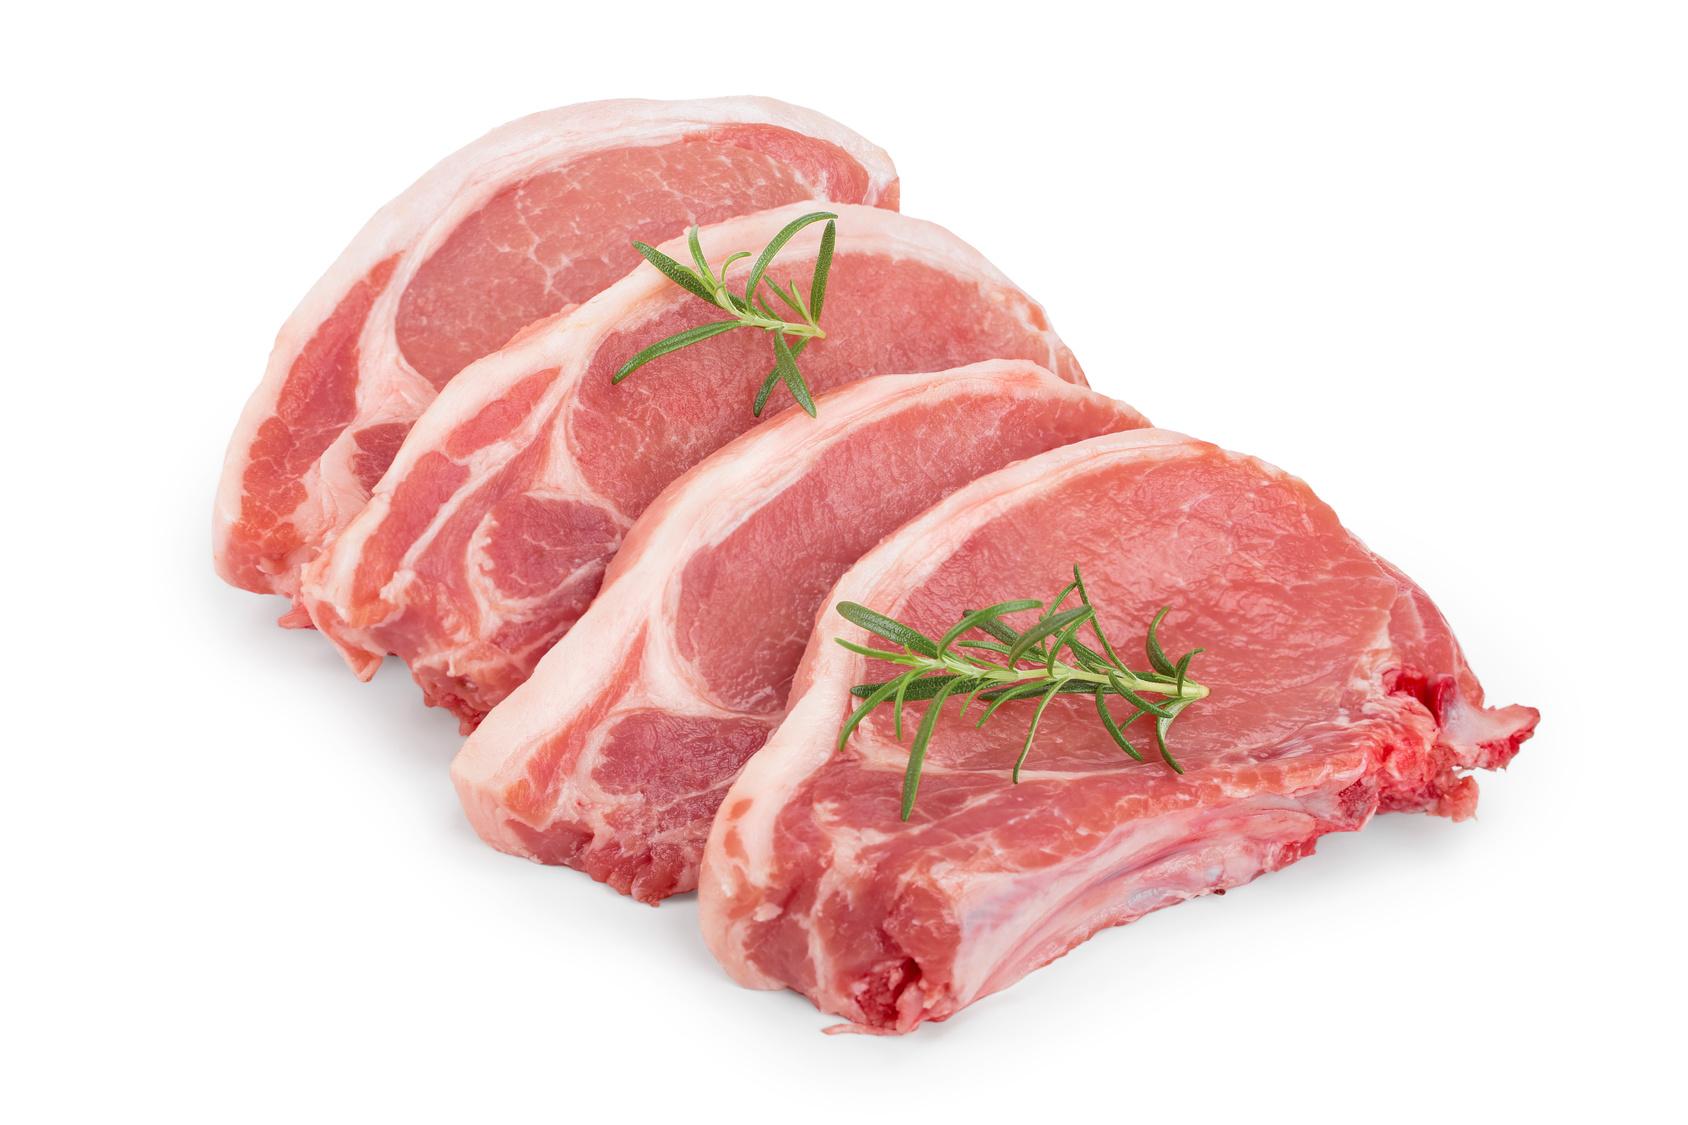 viande de porc nutrition recette santé